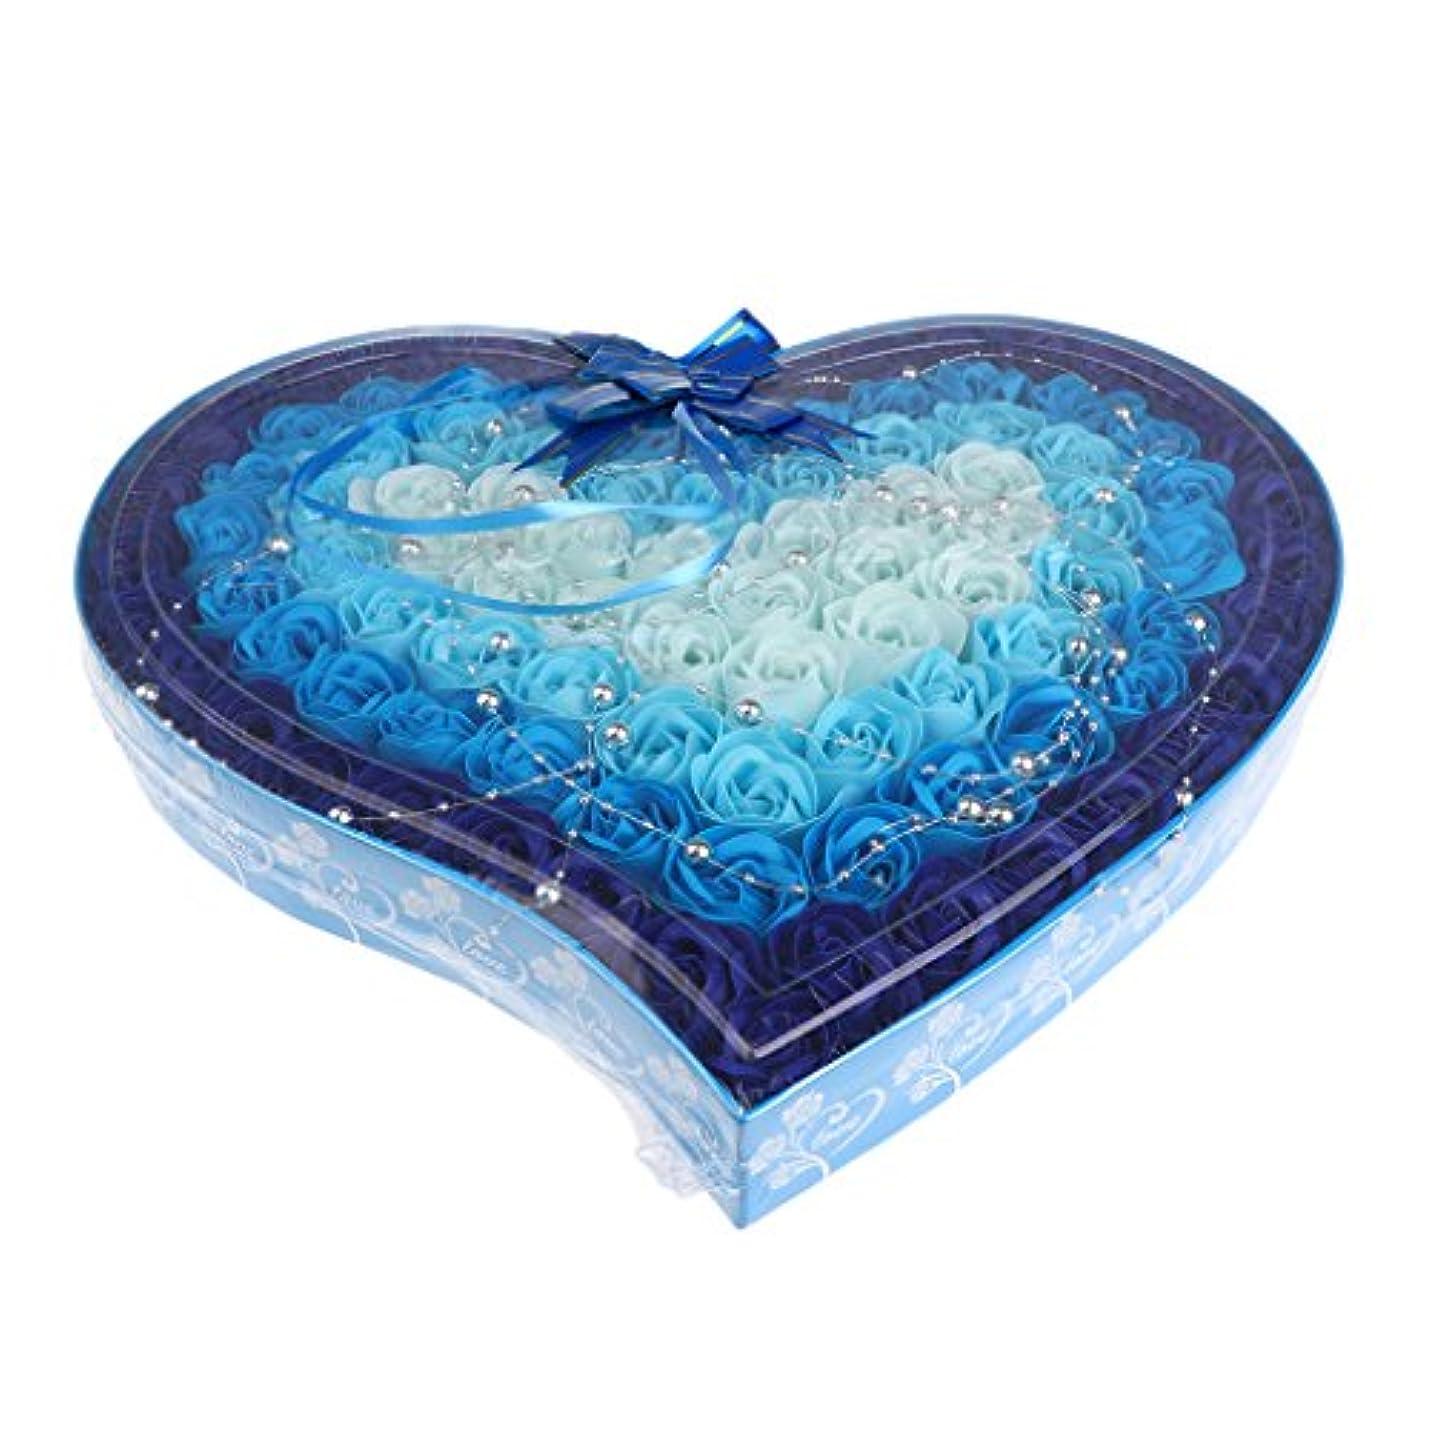 羊飼いラバ折り目石鹸の花 造花 ソープフラワー 心の形 ギフトボックス 母の日 バレンタイン プレゼント 全4色選べる - 青